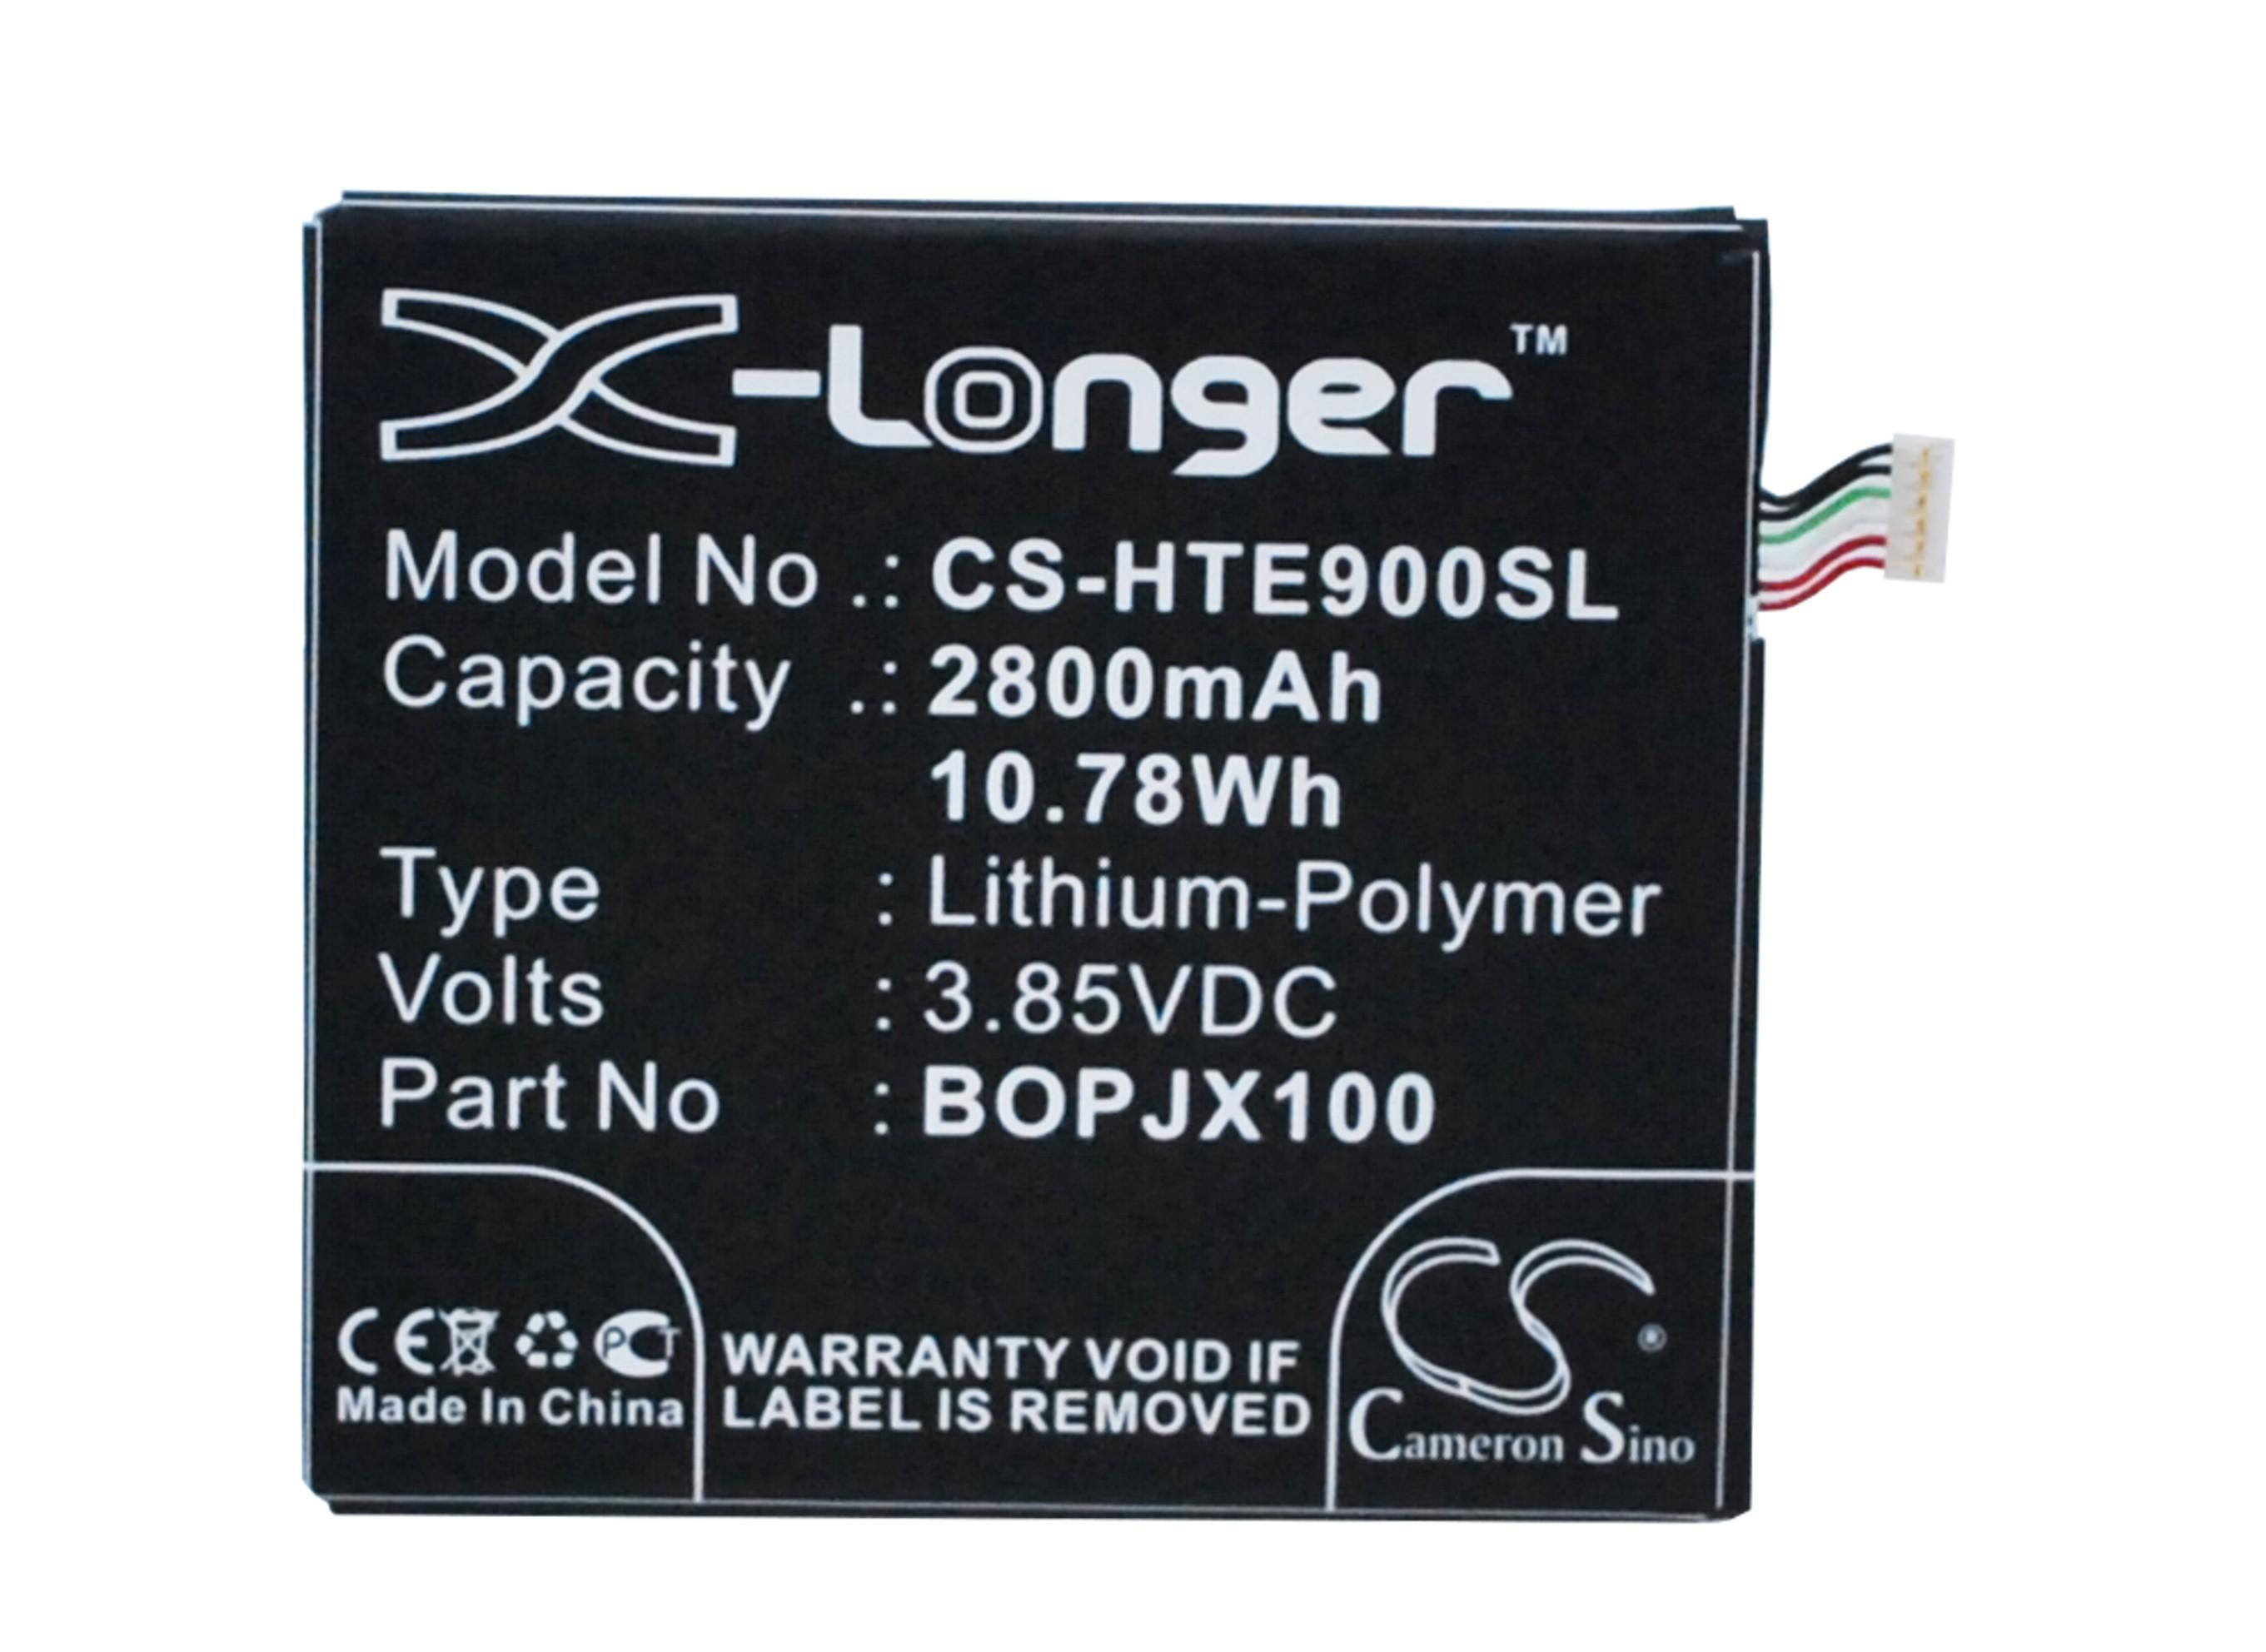 Cameron Sino baterie do mobilů pro HTC One E9 Dual SIM 3.85V Li-Polymer 2800mAh černá - neoriginální